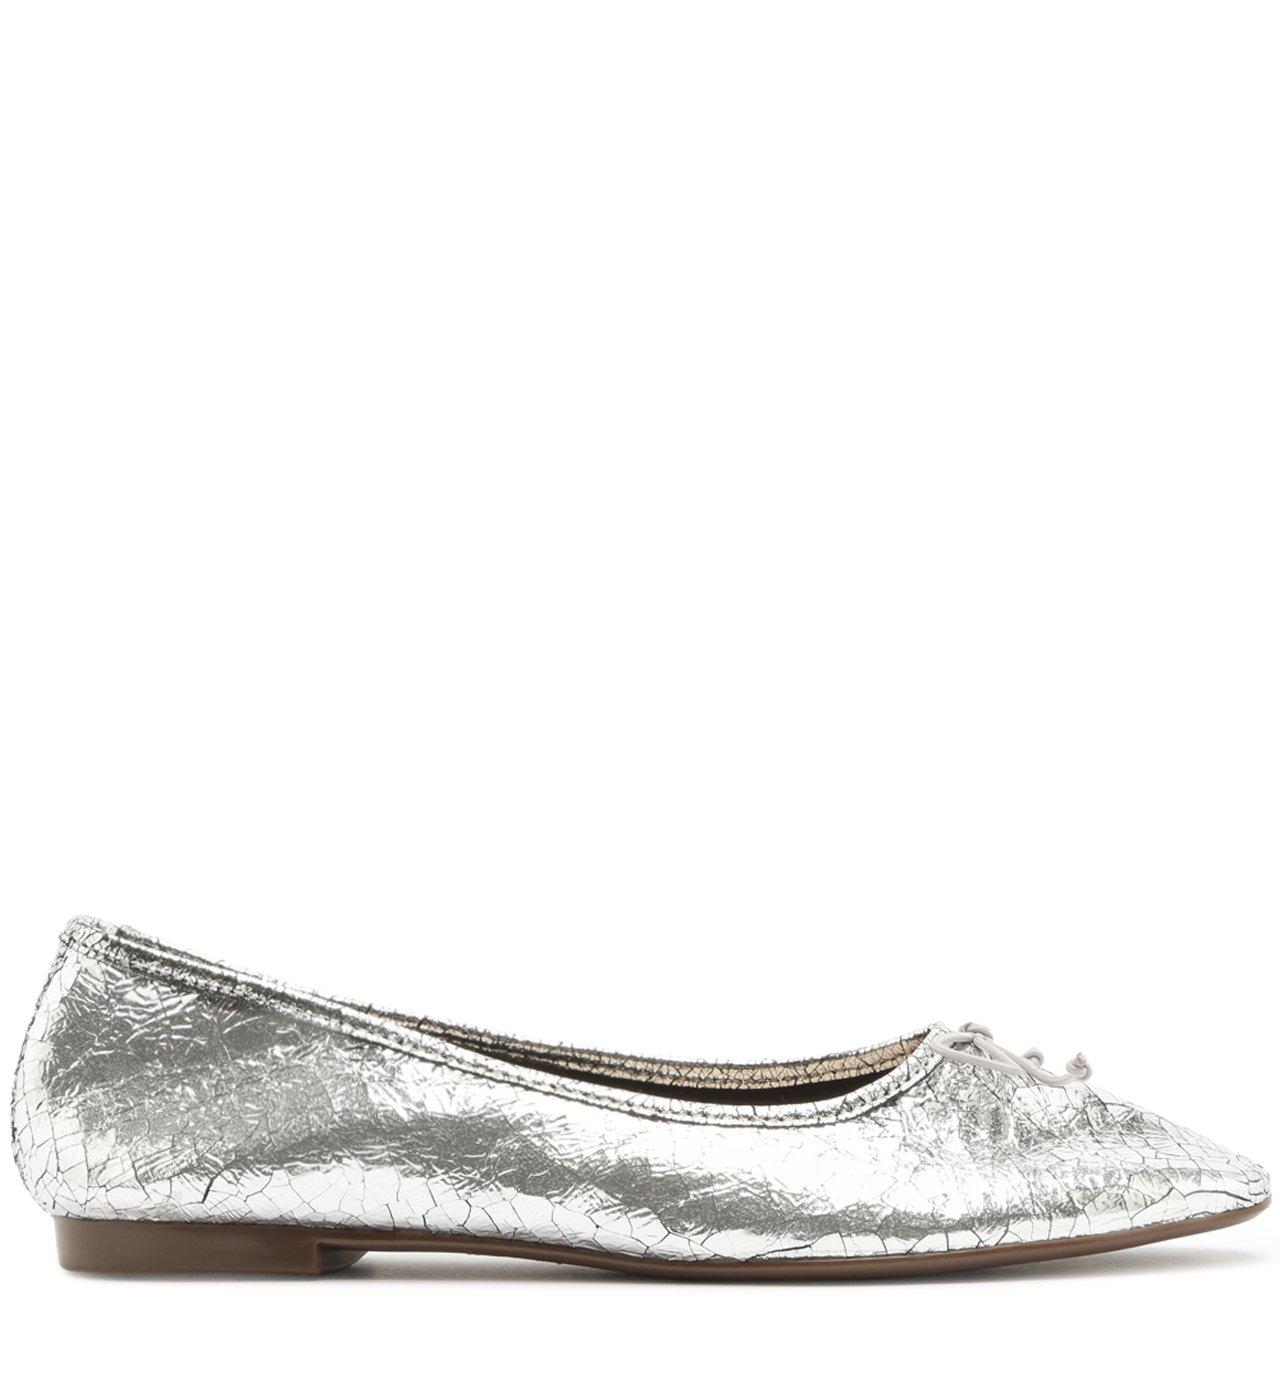 Sapatilha Ballerina Metalic Silver | Schutz